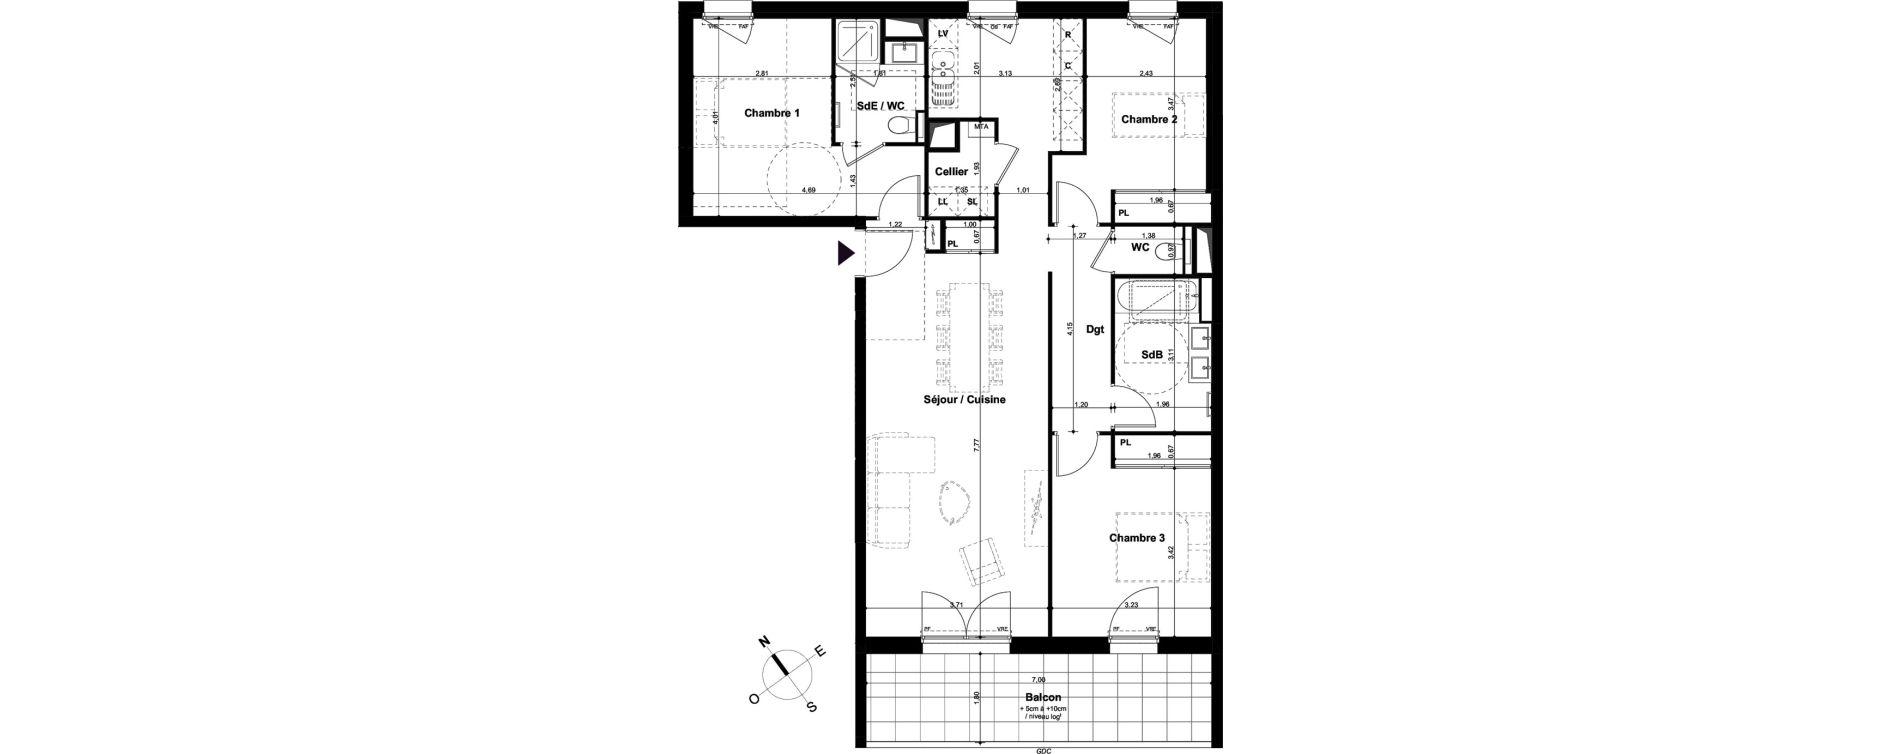 Appartement T4 de 96,45 m2 à Angers Hauts de saint-aubin